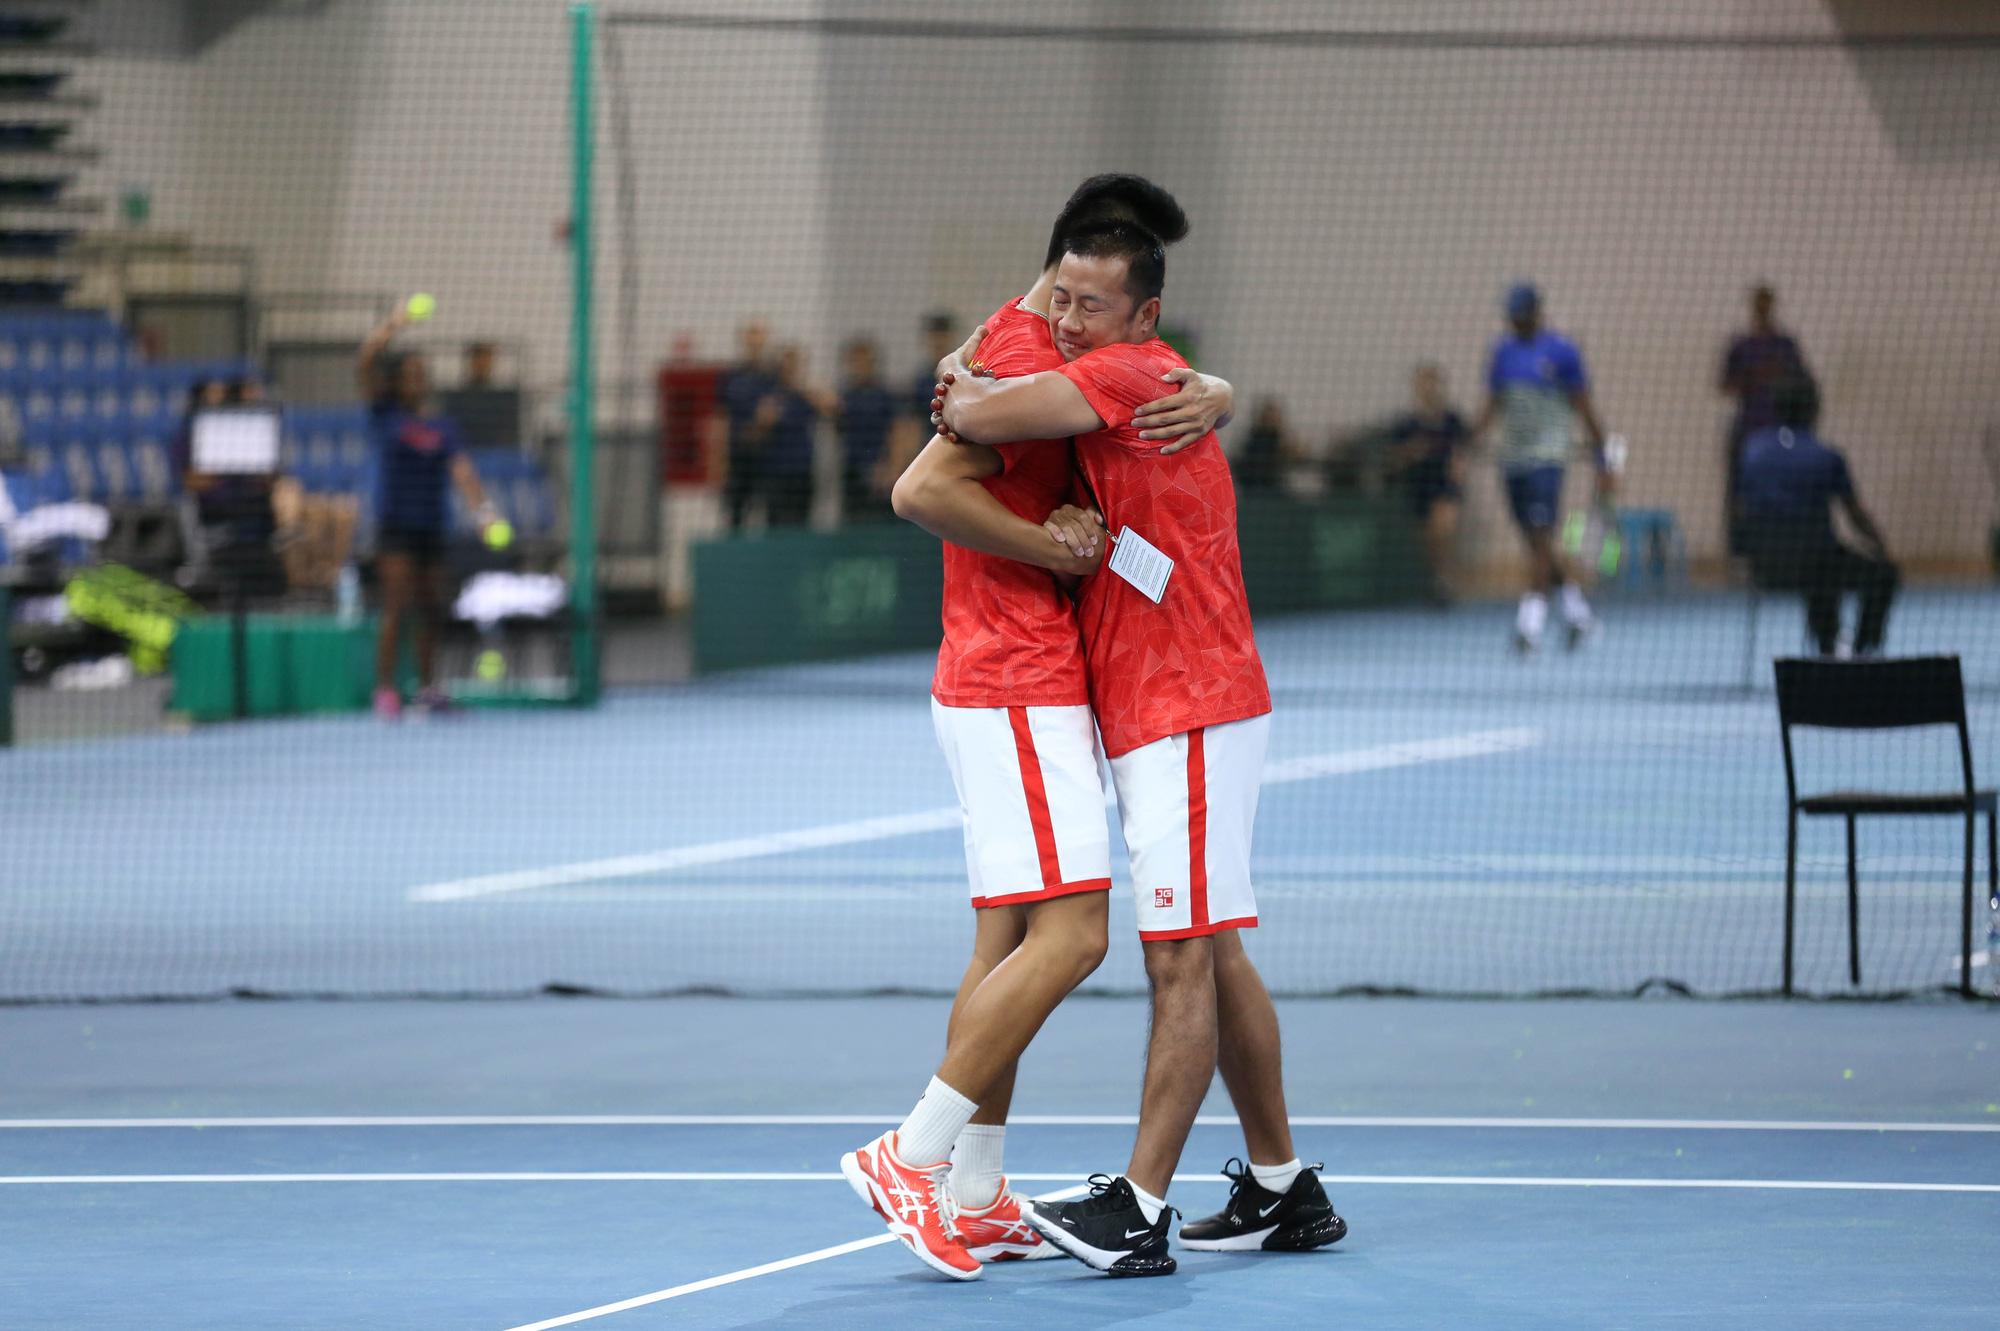 Hình ảnh: Tuyển quần vợt Việt Nam sắp dự Davis Cup nhóm III khu vực Châu Á – Thái Bình Dương 2021 số 2